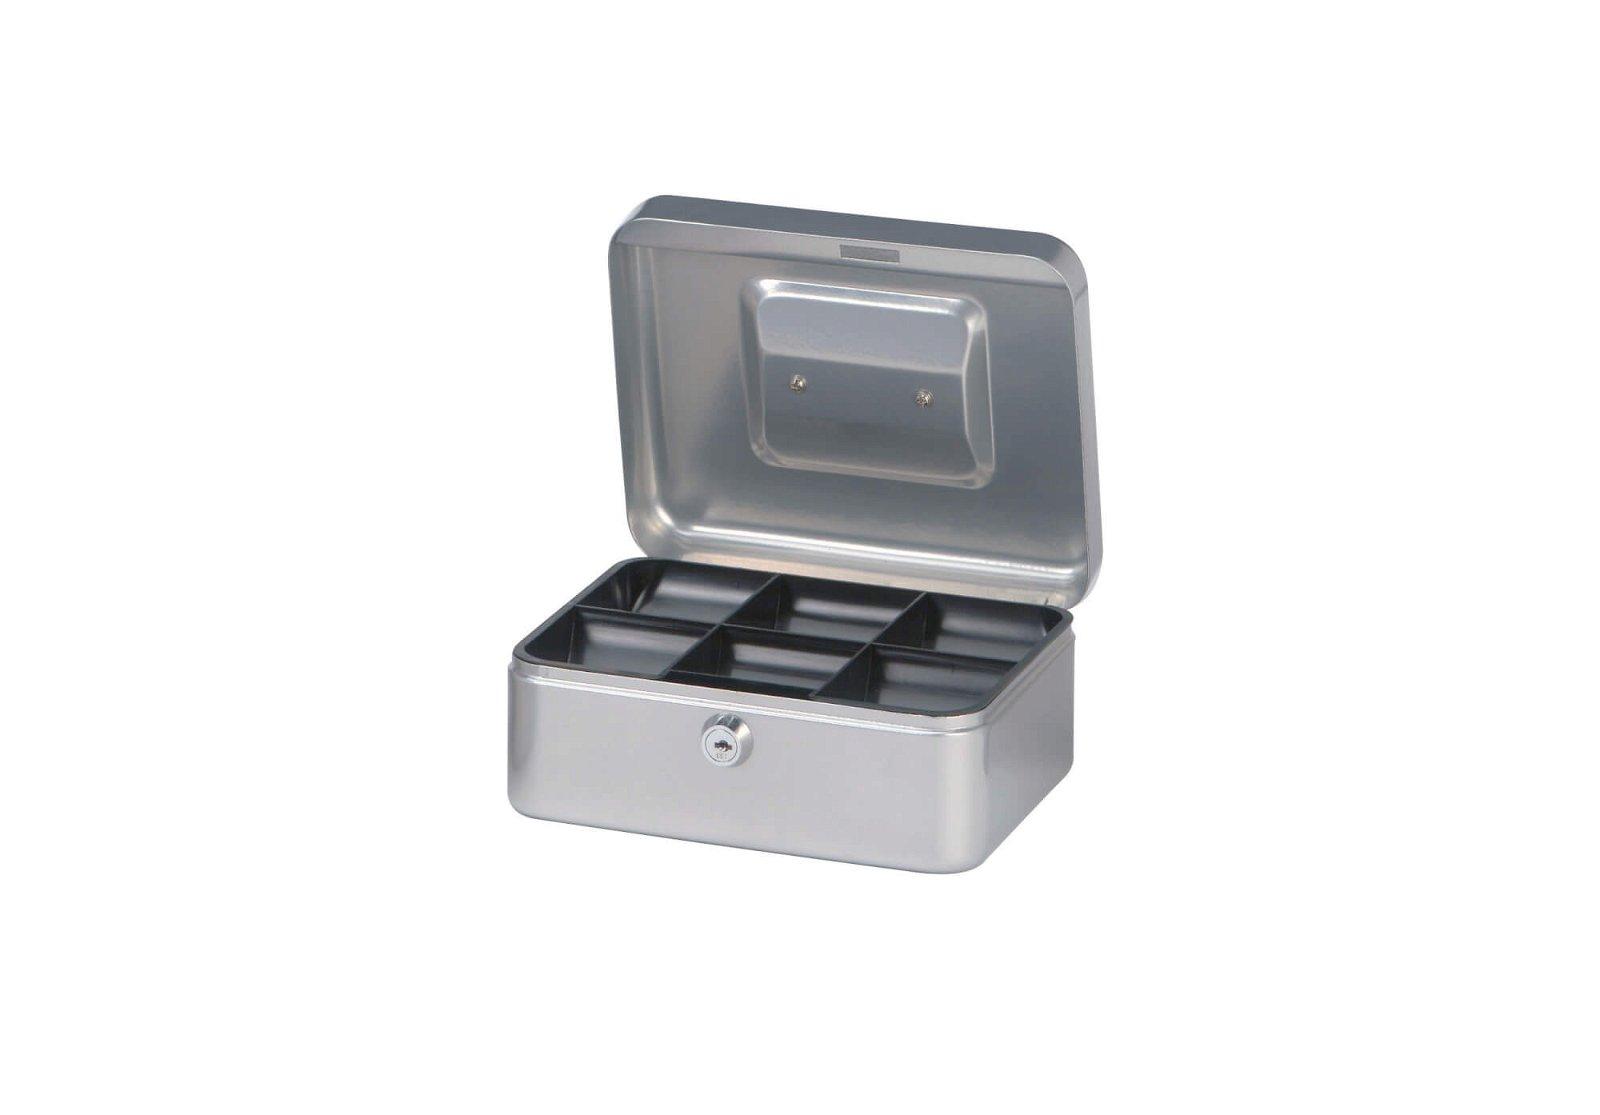 Geldkassette 2, 20 x 17 x 9 cm, silber